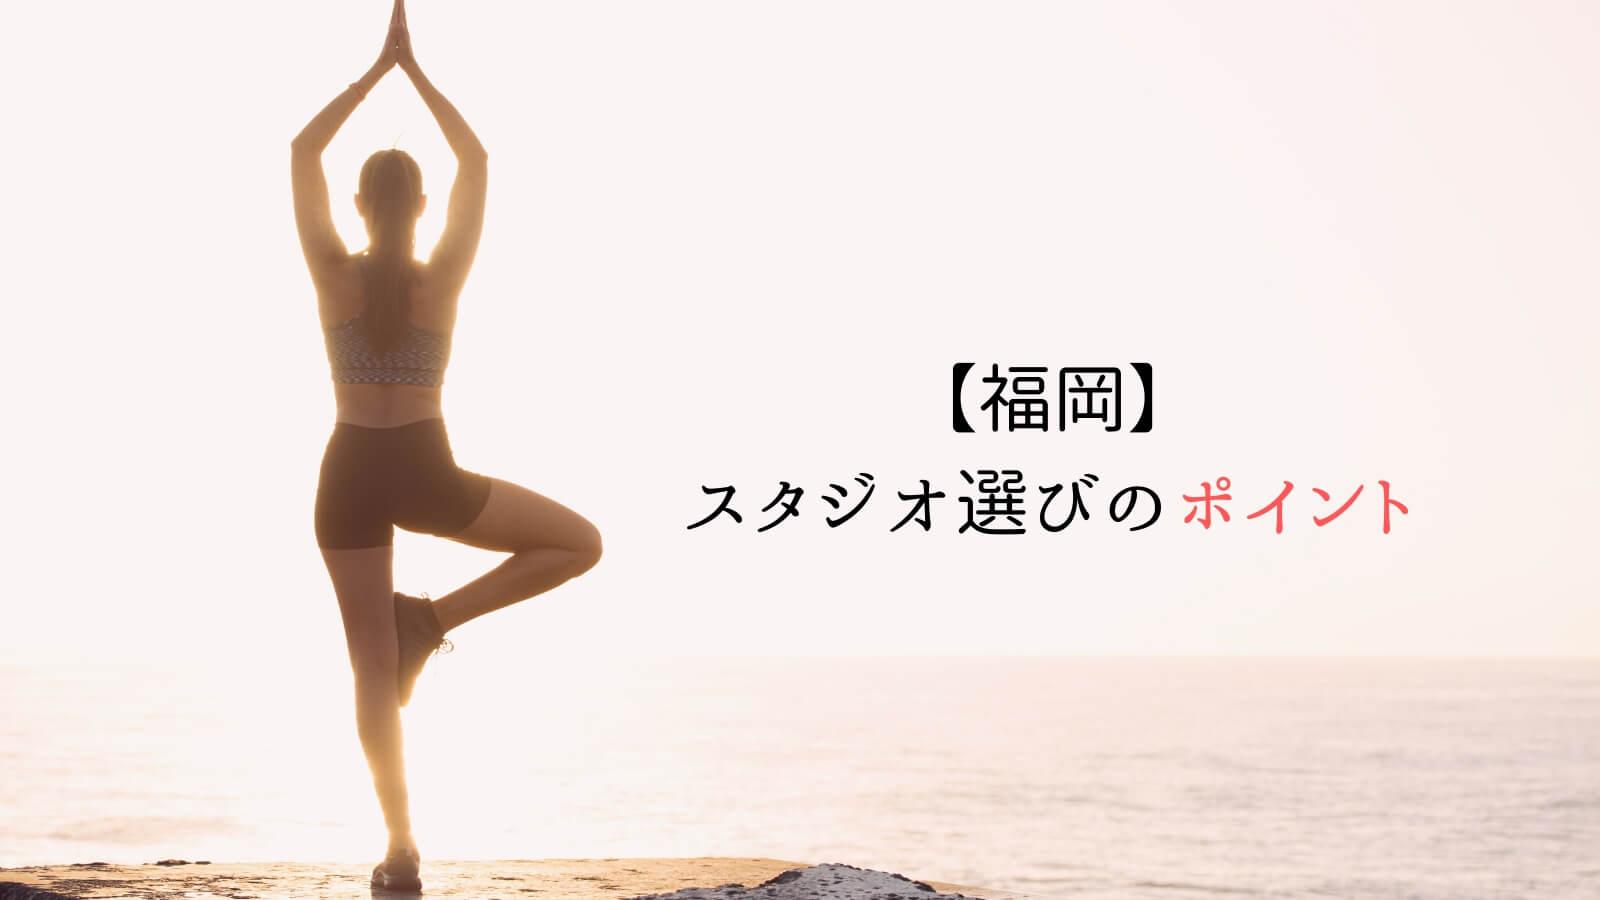 福岡のヨガスタジオ選びのポイント